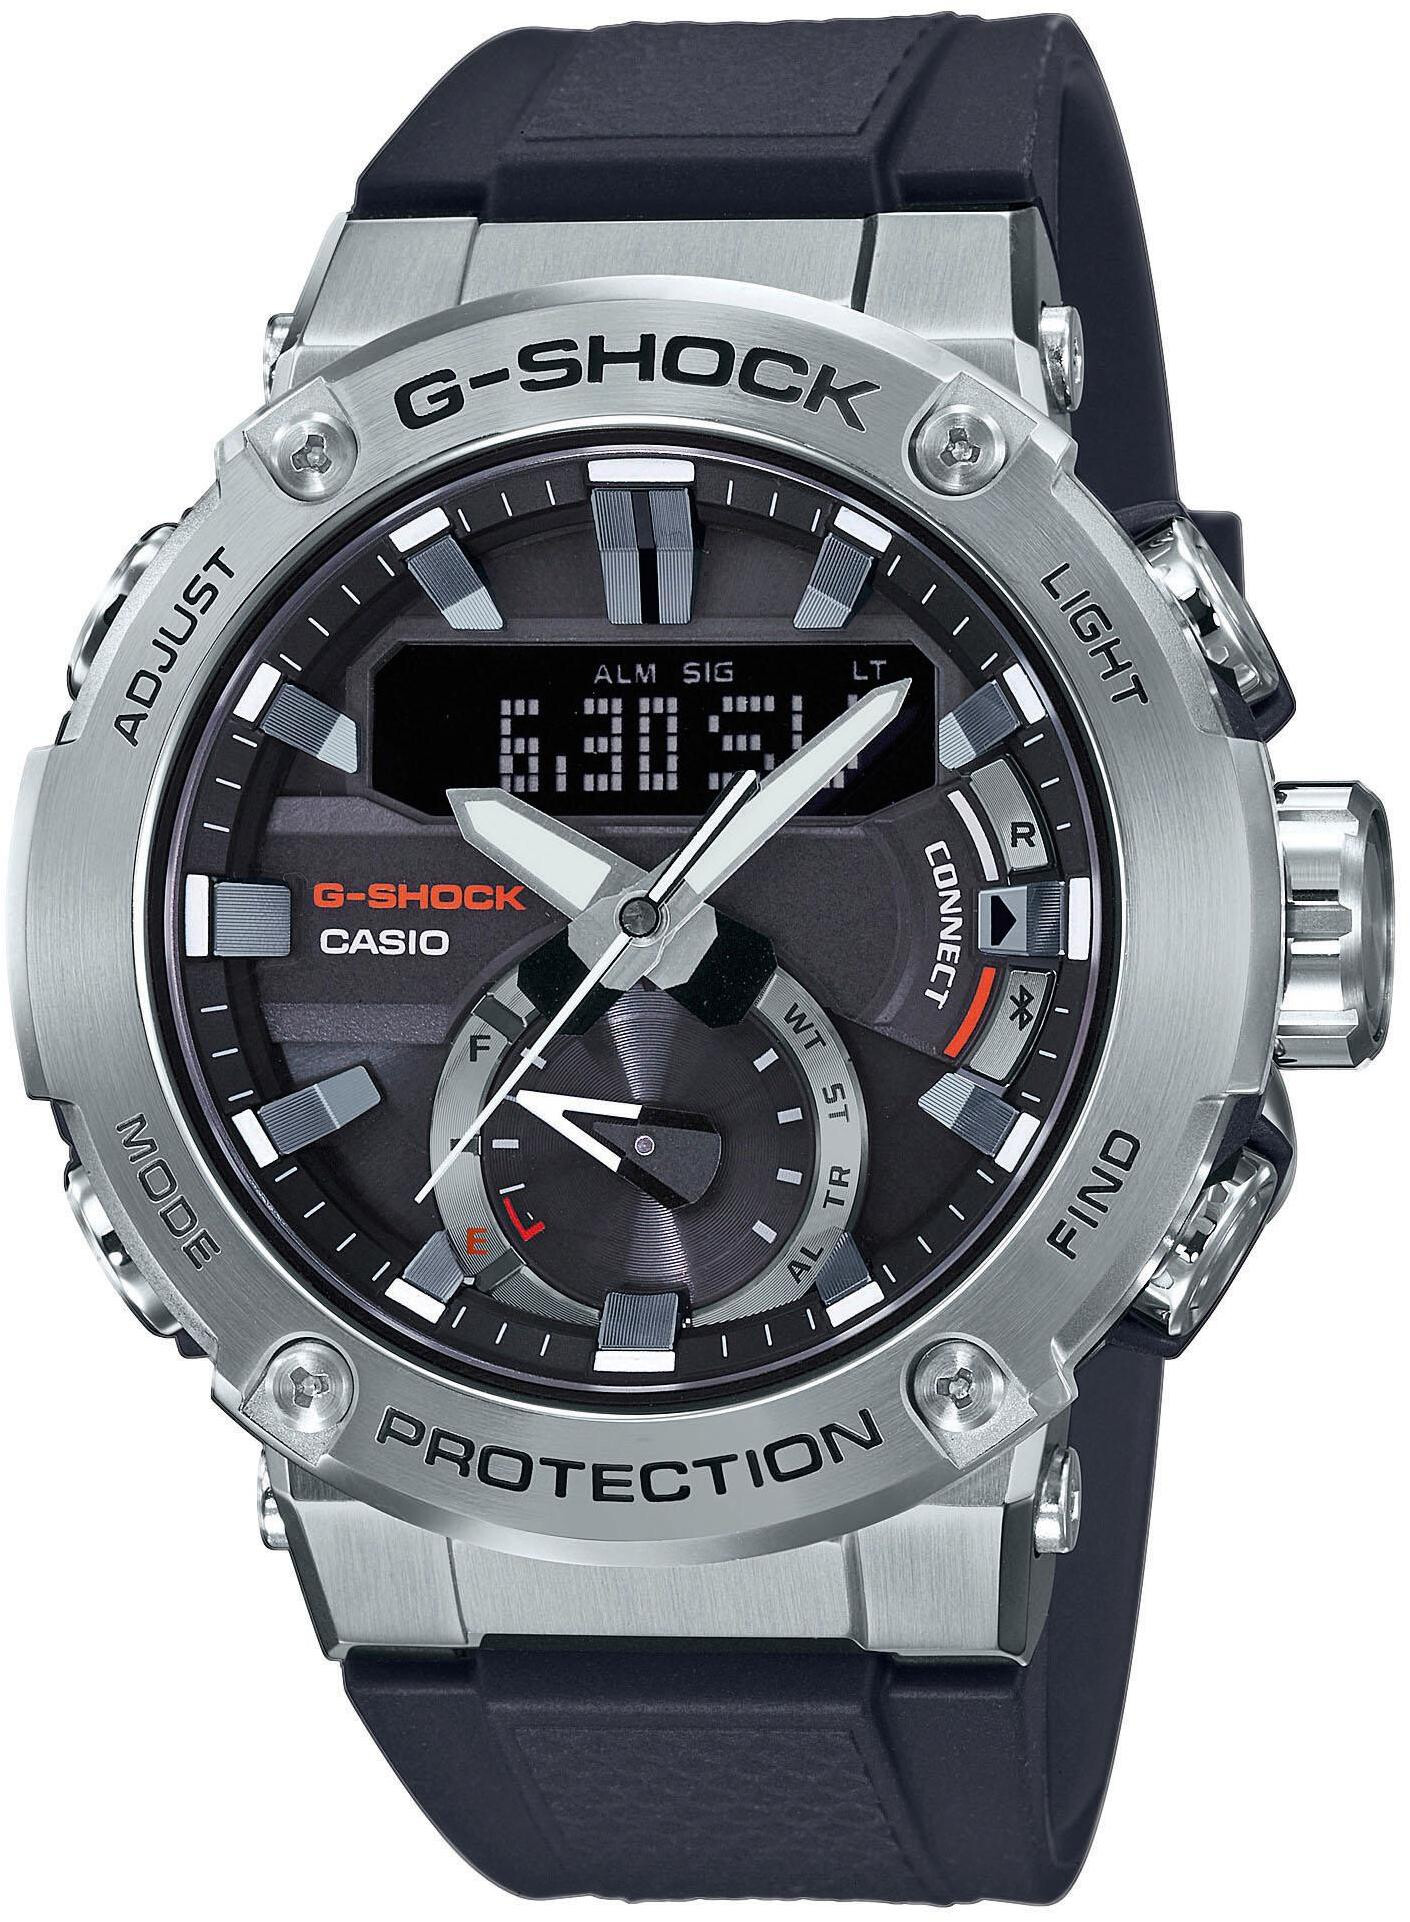 CASIO G-SHOCK G-Steel GST-B200-1AER Ur Herrer, silver/black (2019)   Sports watches